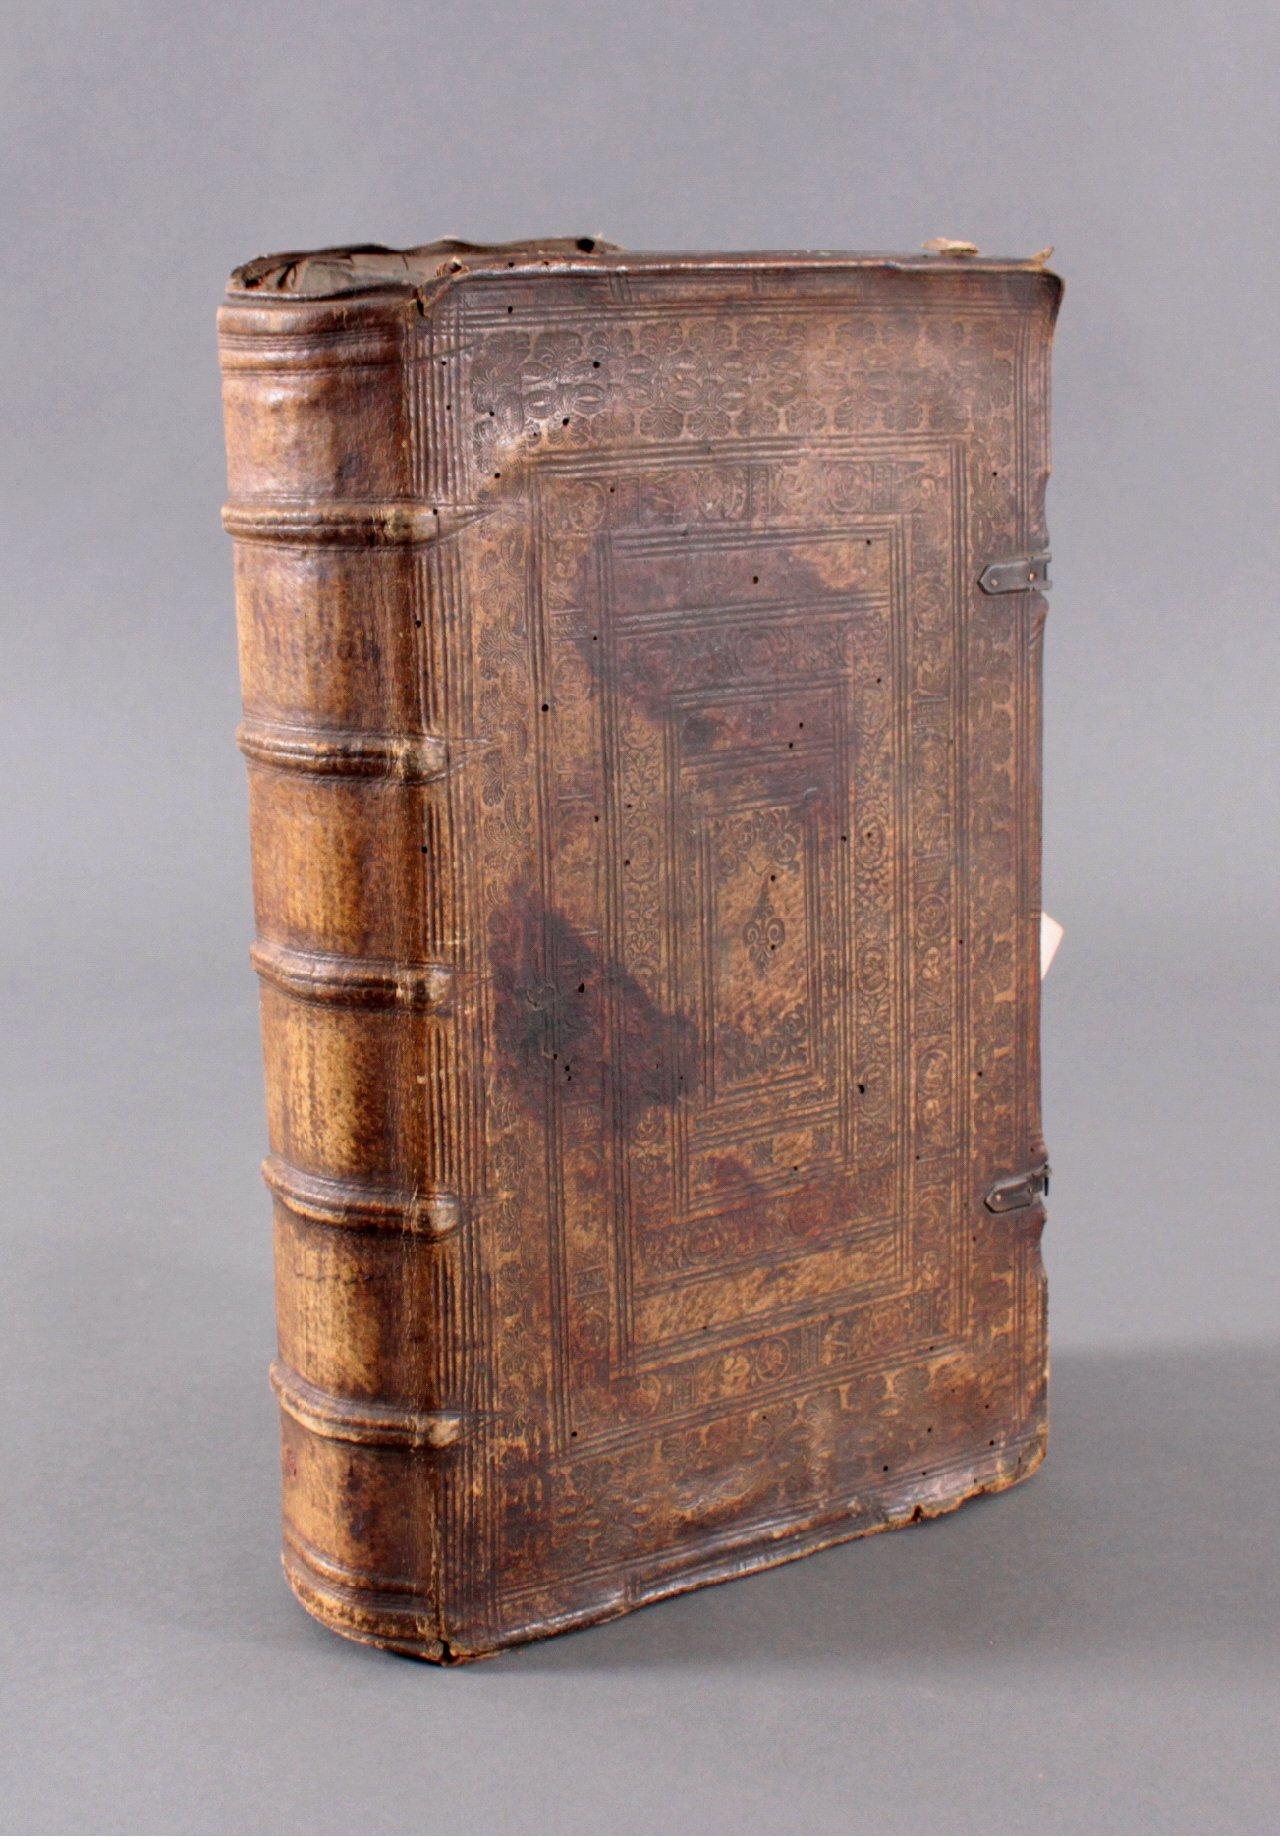 Antiquarisches Buch, Johannes Sleidanus 1608